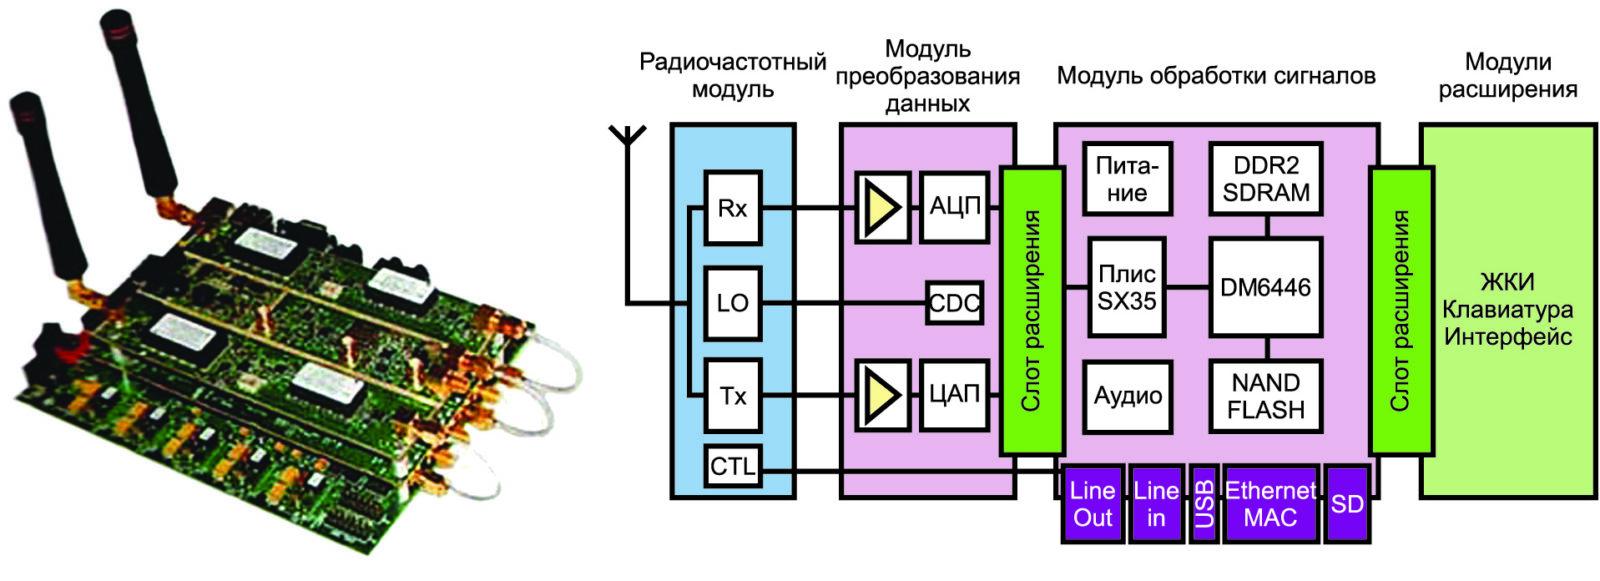 Вид платформы SDR формата FFM фирмы Lyrtech и структурная схема платформы SDR формата FFM фирмы Lyrtech [24]